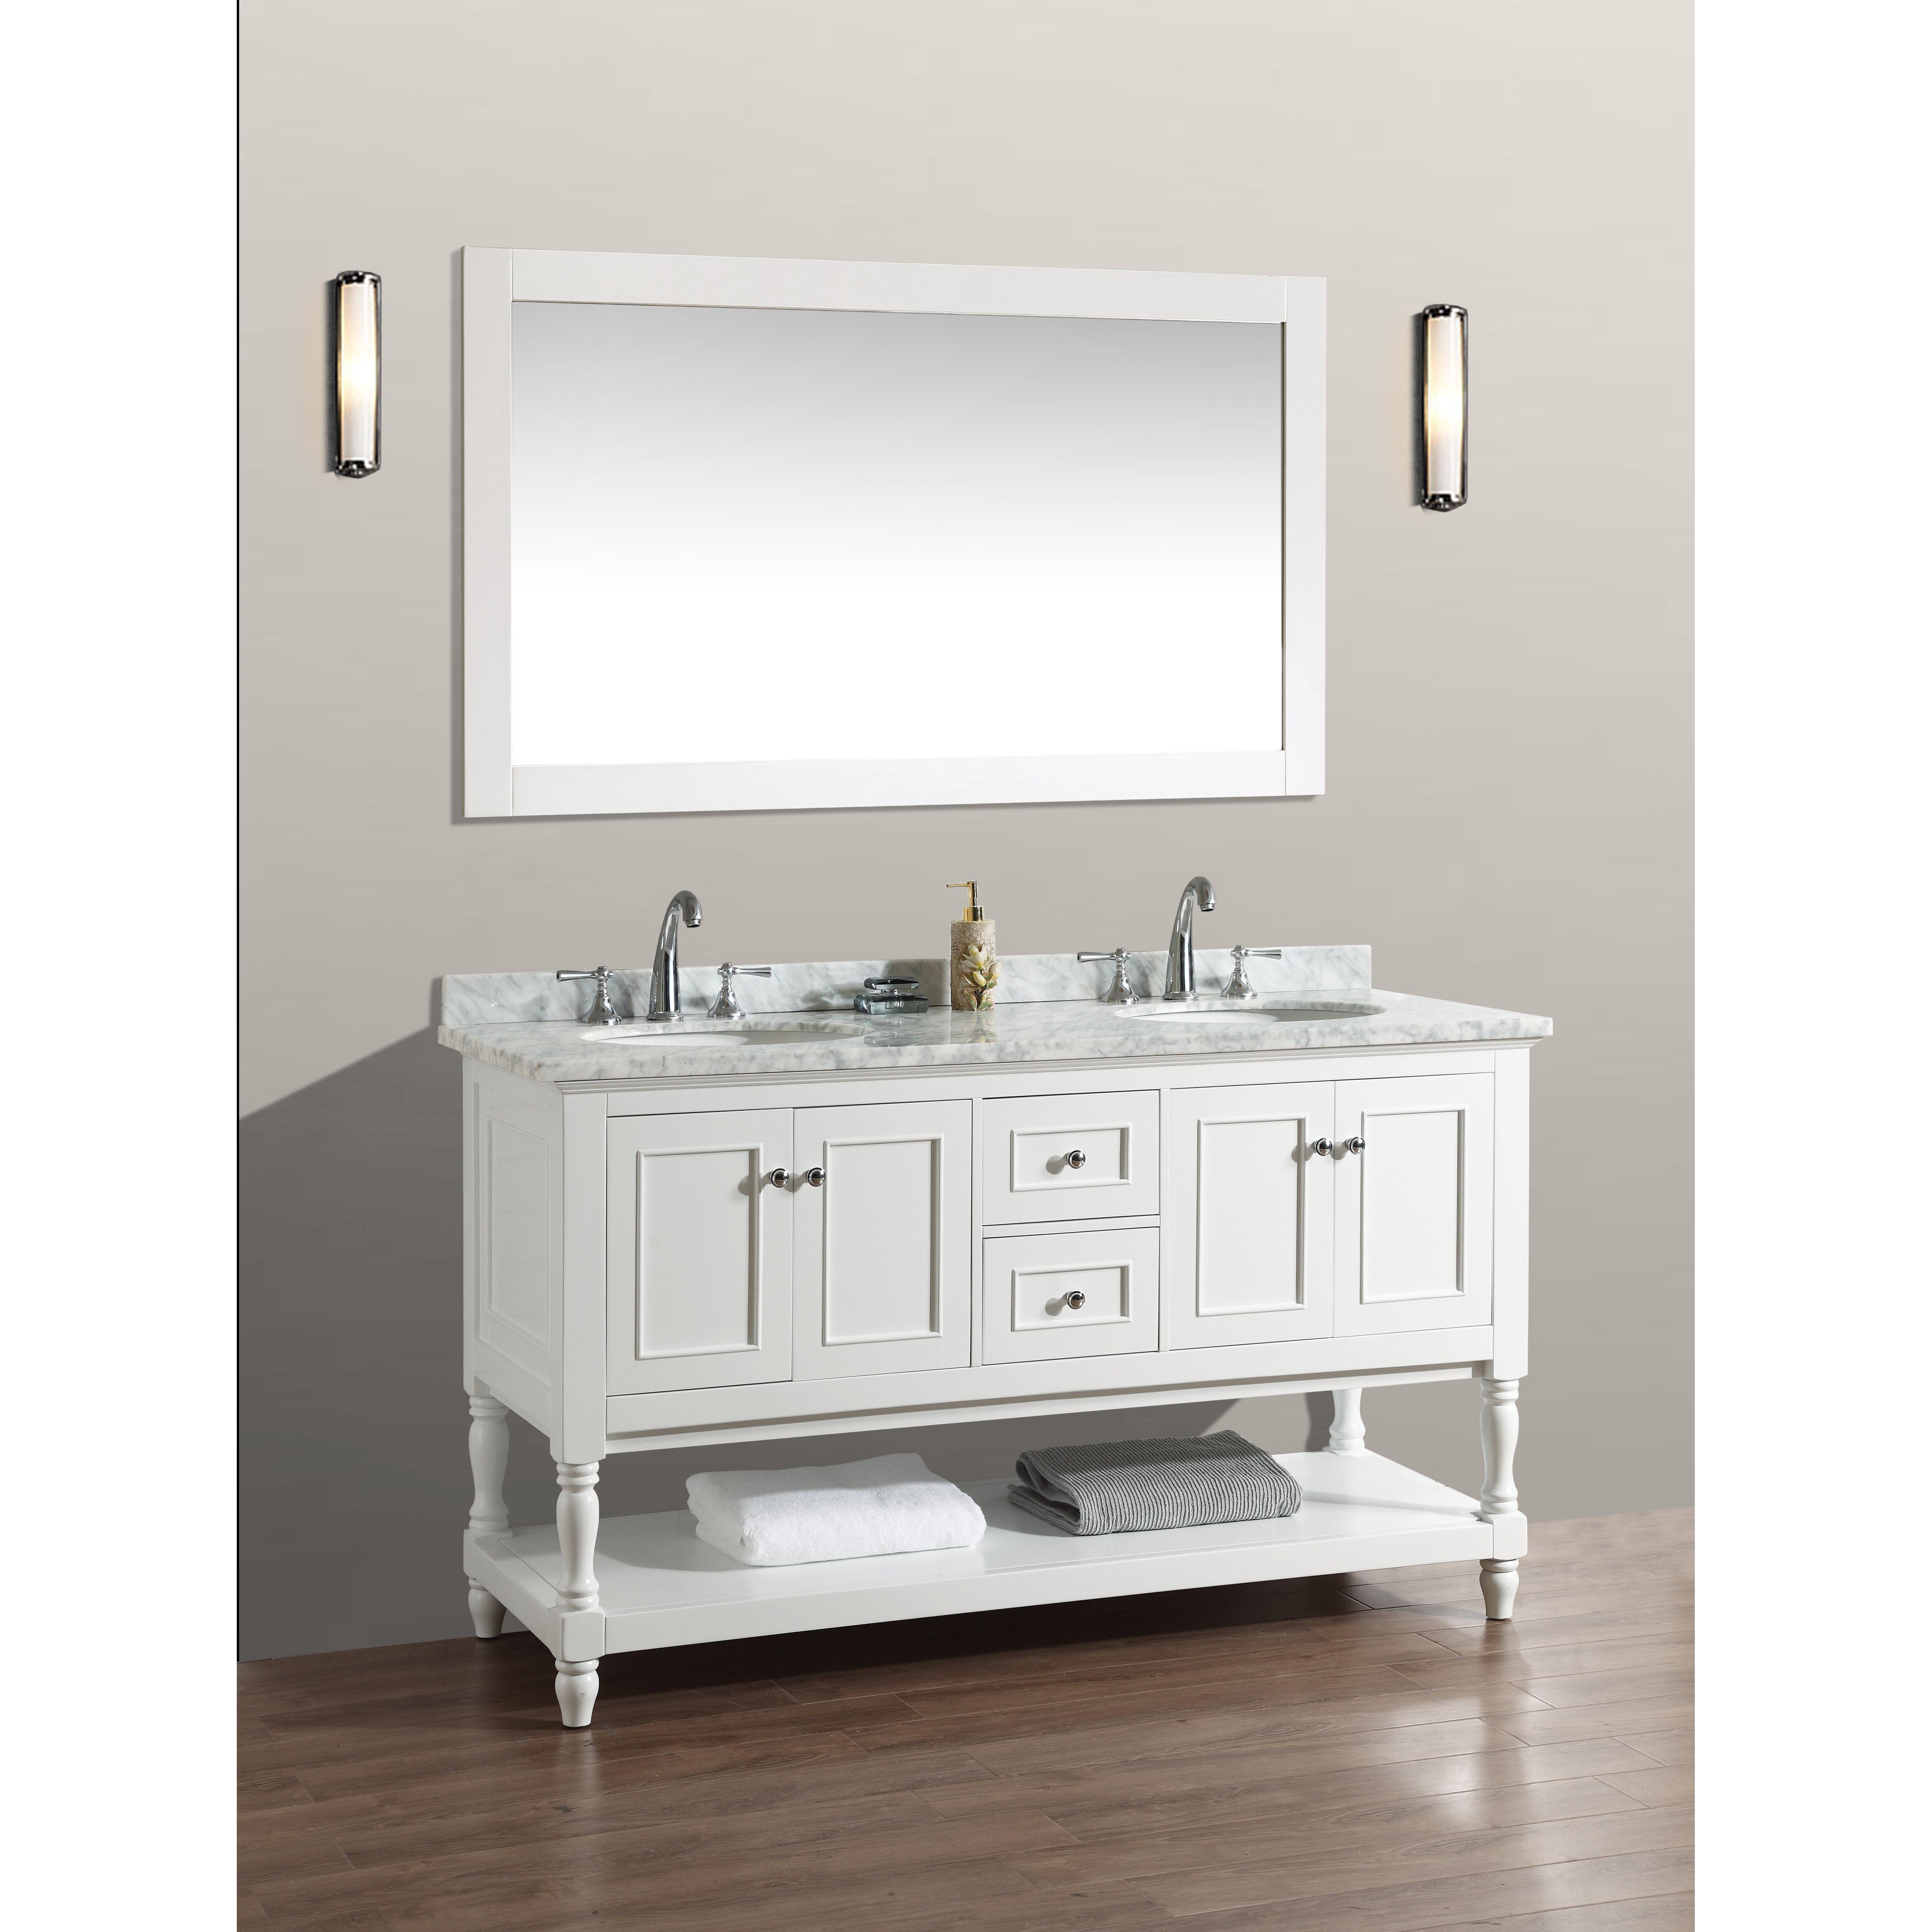 Harriet 60 Double Bathroom Vanity Mirror Set Reviews – Bathroom Vanity and Mirror Set